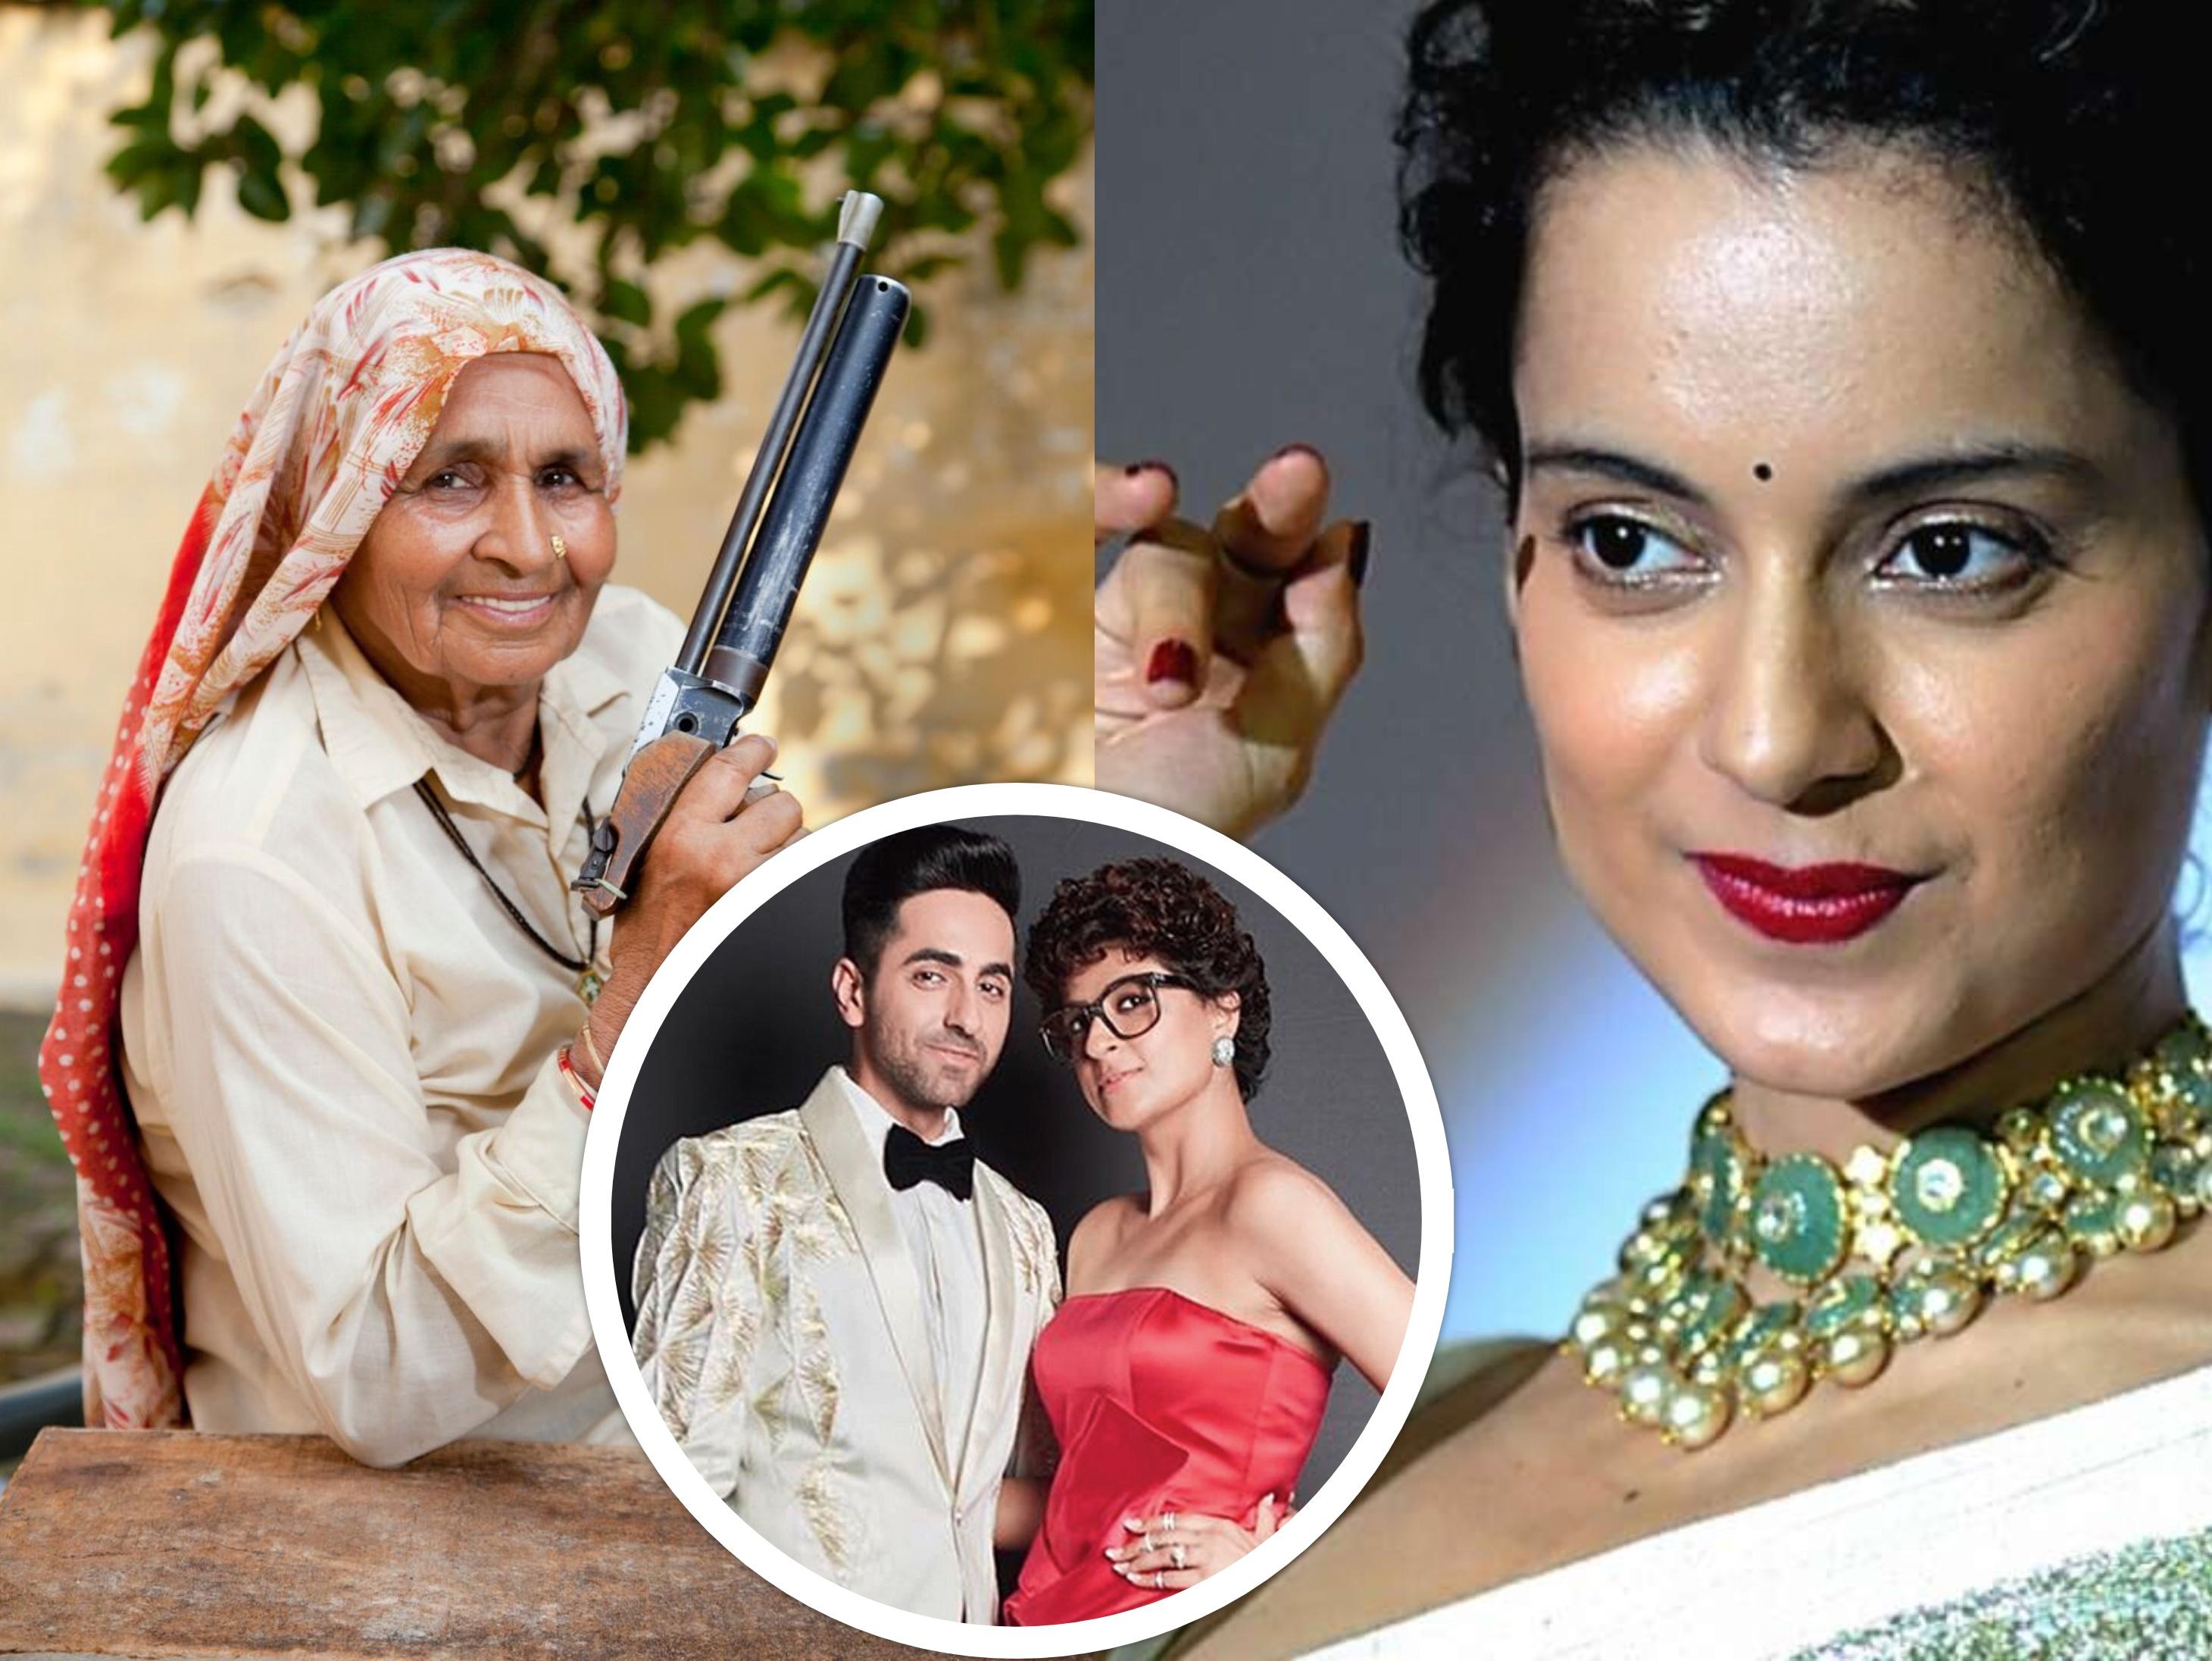 शूटर दादी चंद्रो तोमर को हुआ कोरोना संक्रमण, कंगना ने की रिकवरी की दुआ, आयुष्मान ताहिरा ने सीएम फंड में दिया डोनेशन बॉलीवुड,Bollywood - Dainik Bhaskar